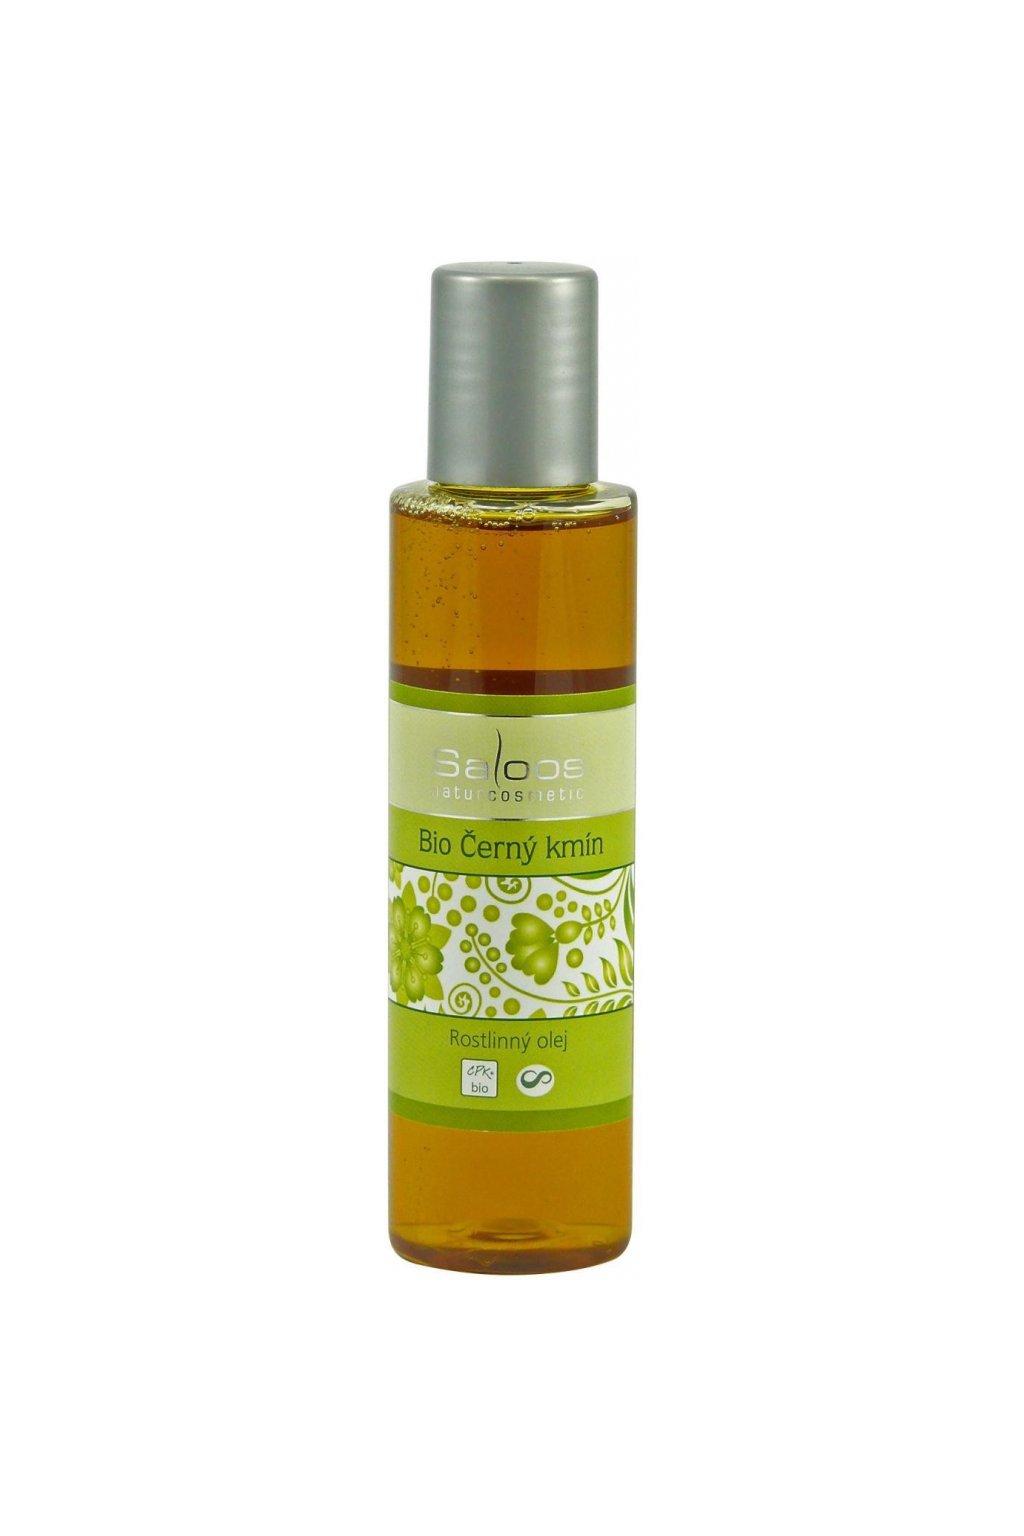 Saloos Černý kmín rostlinný olej lisovaný za studena (varianta 1000ml)